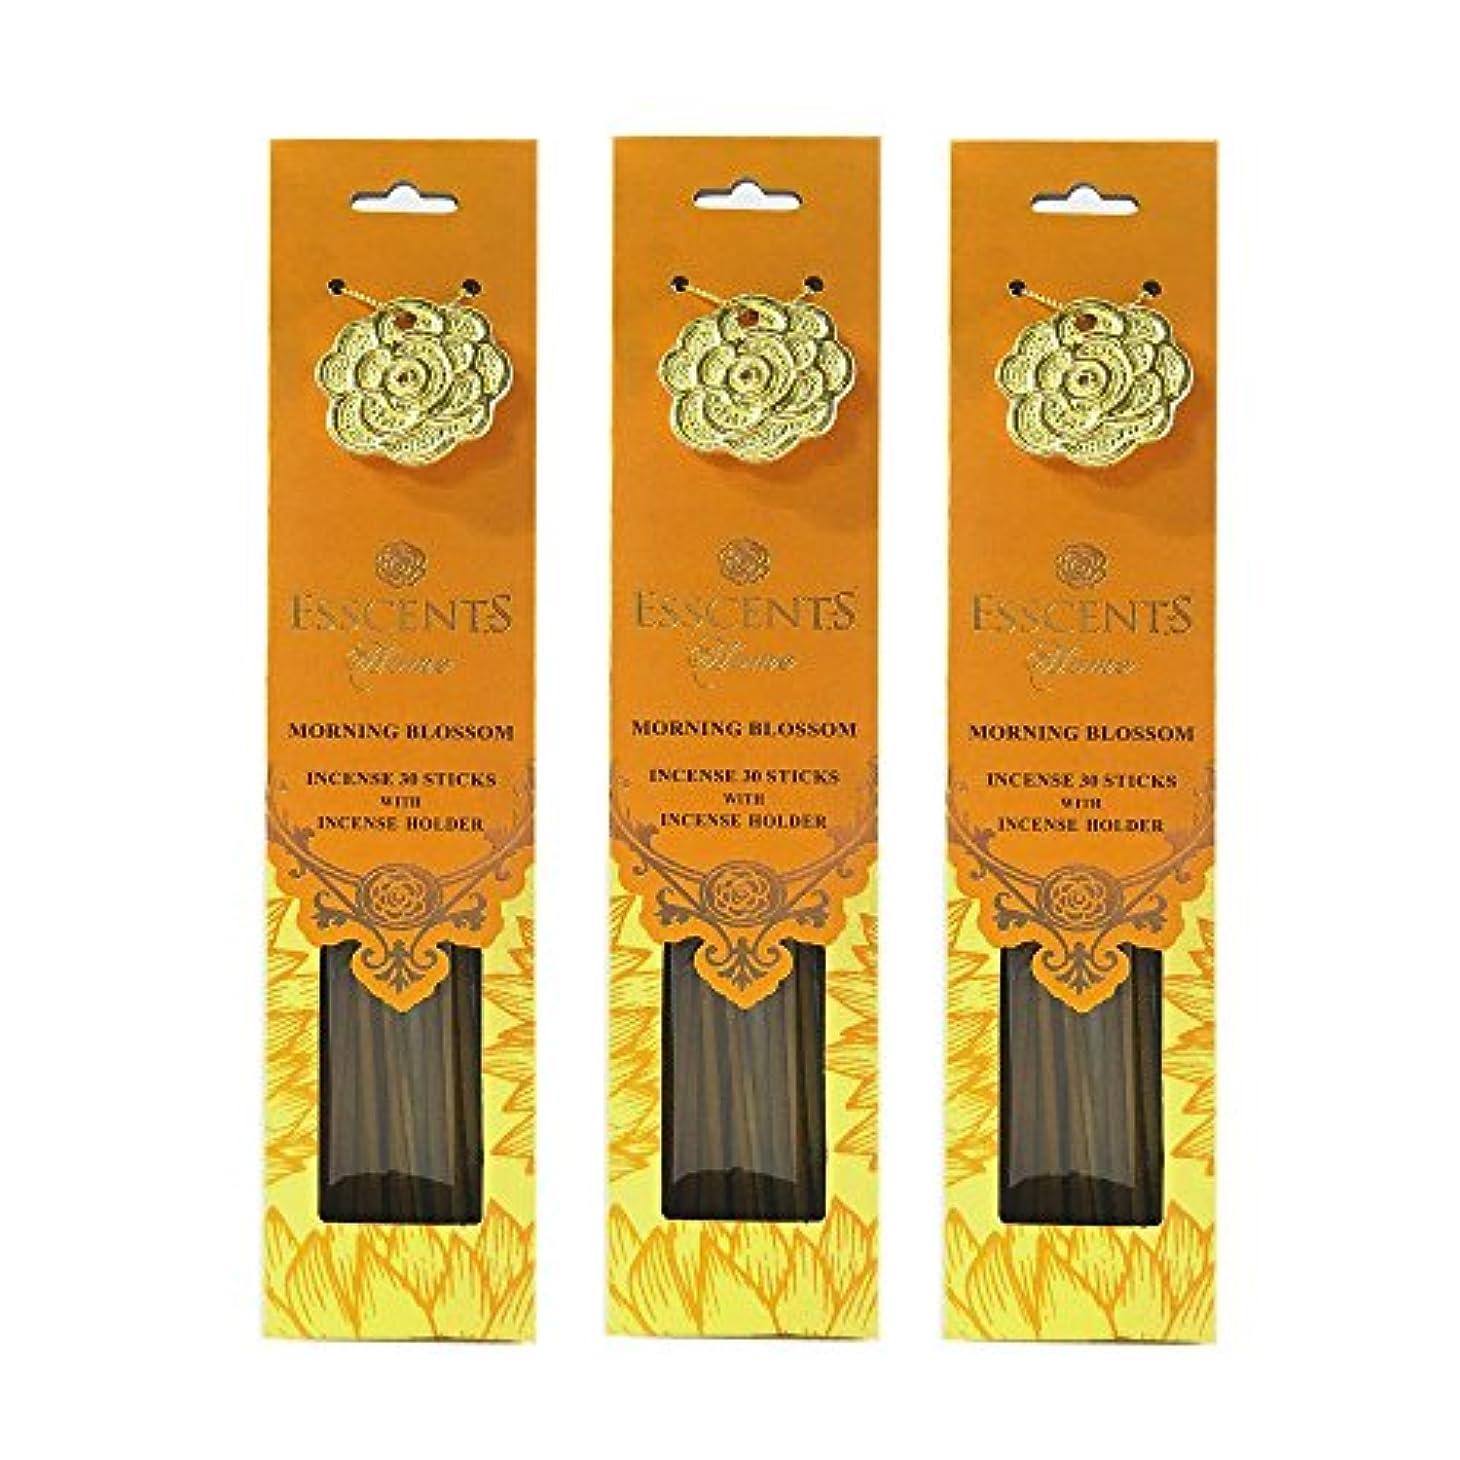 偽造売る才能のあるEsscentsホーム90 SticksプレミアムIncense with 3メタルIncense Holders – Morning Blossom